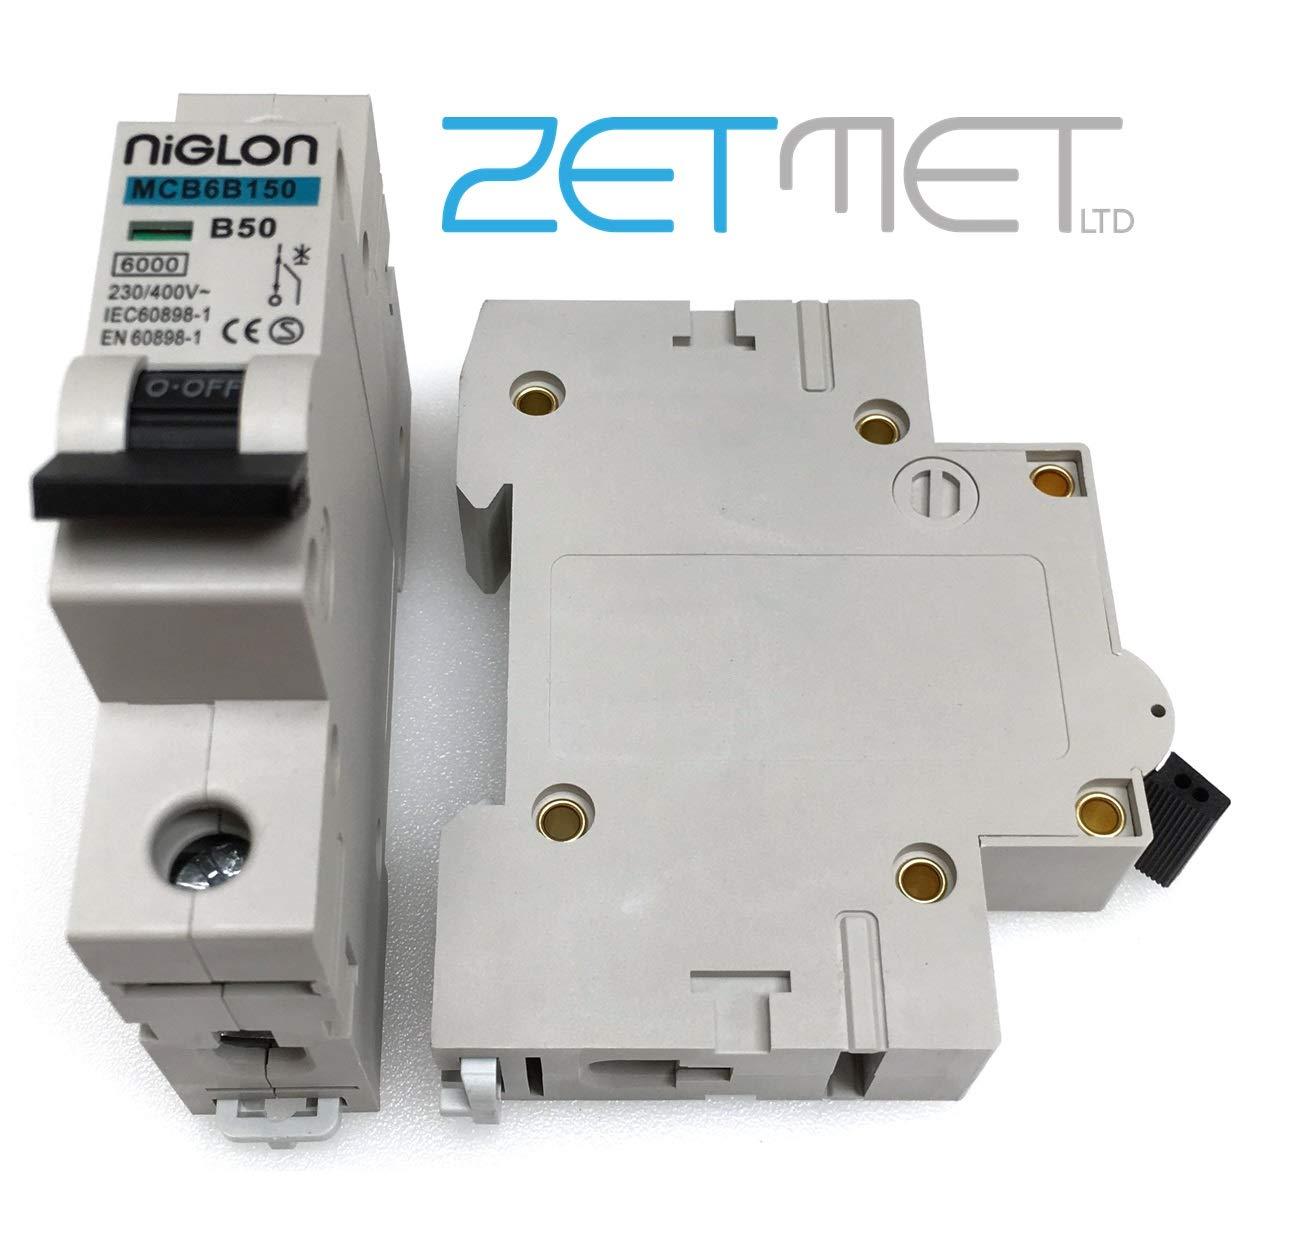 Niglon MCB6B150 50 Amp Type B Single Pole 6kA 230V Circuit Breaker MCB